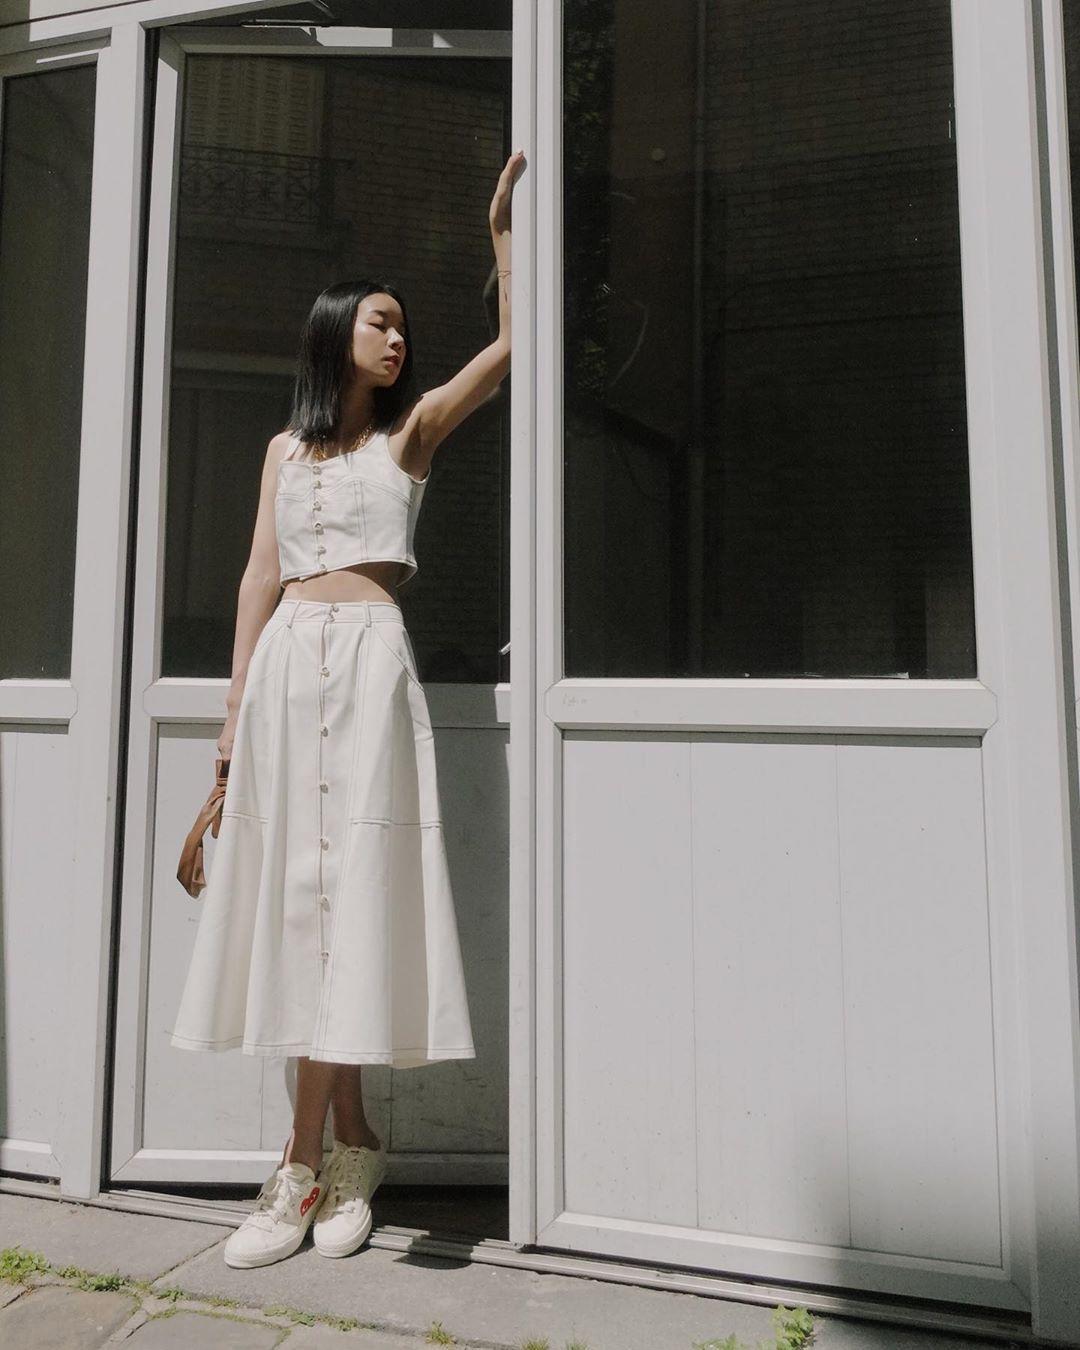 cô gái mặc full trắng cùng chân váy chữ A dáng dài